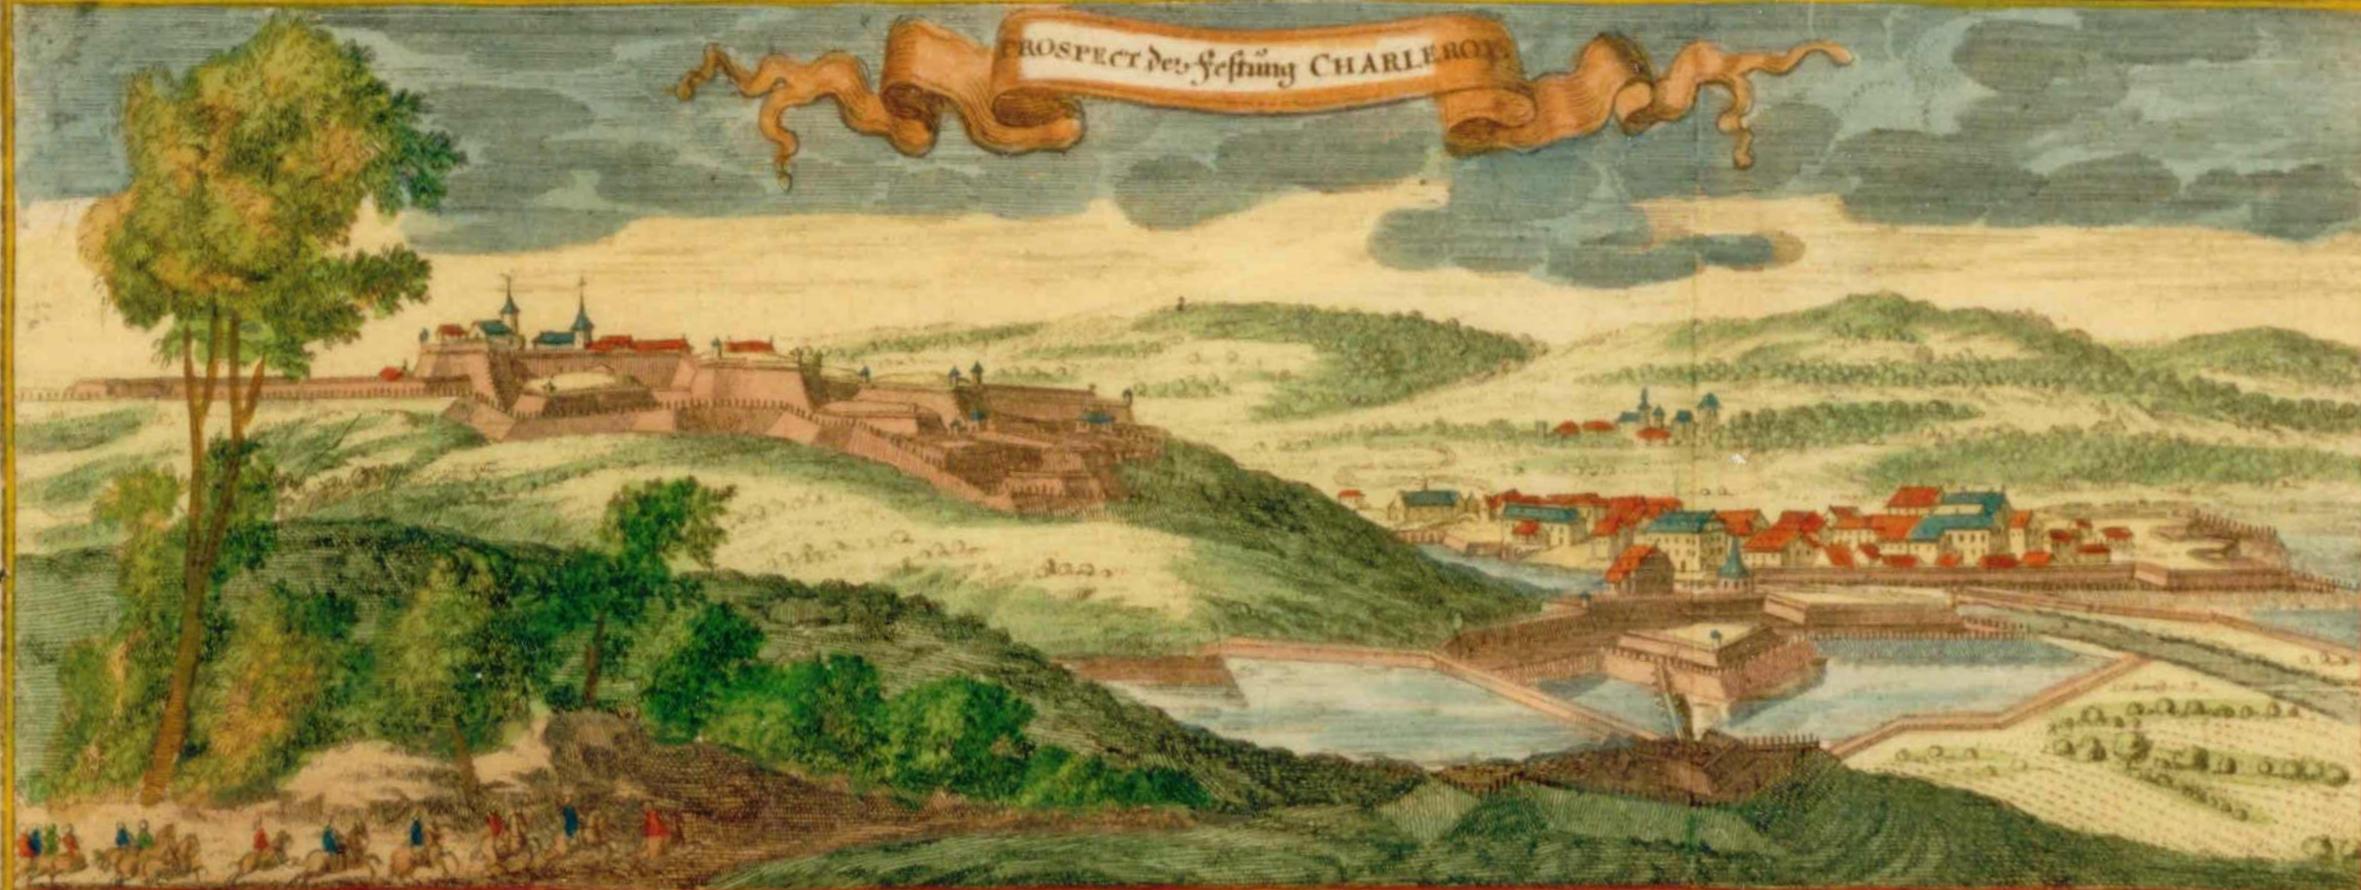 1693 prospect-da-feftung-charleroy-ville-haute (2)